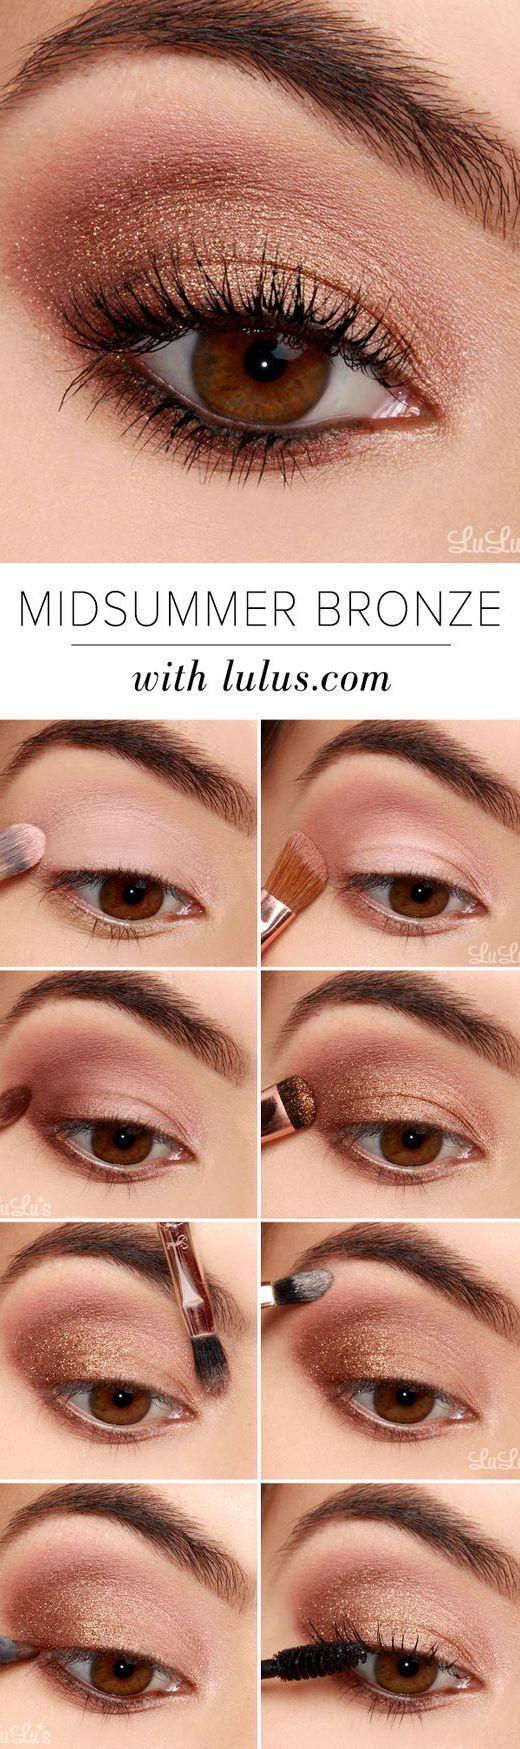 16 Easy Step-by-Step Eyeshadow Tutorials for Beginners: #7. Glittery Bronze Look – Step by Step Eyeshadow Tutorial for Brown eyes